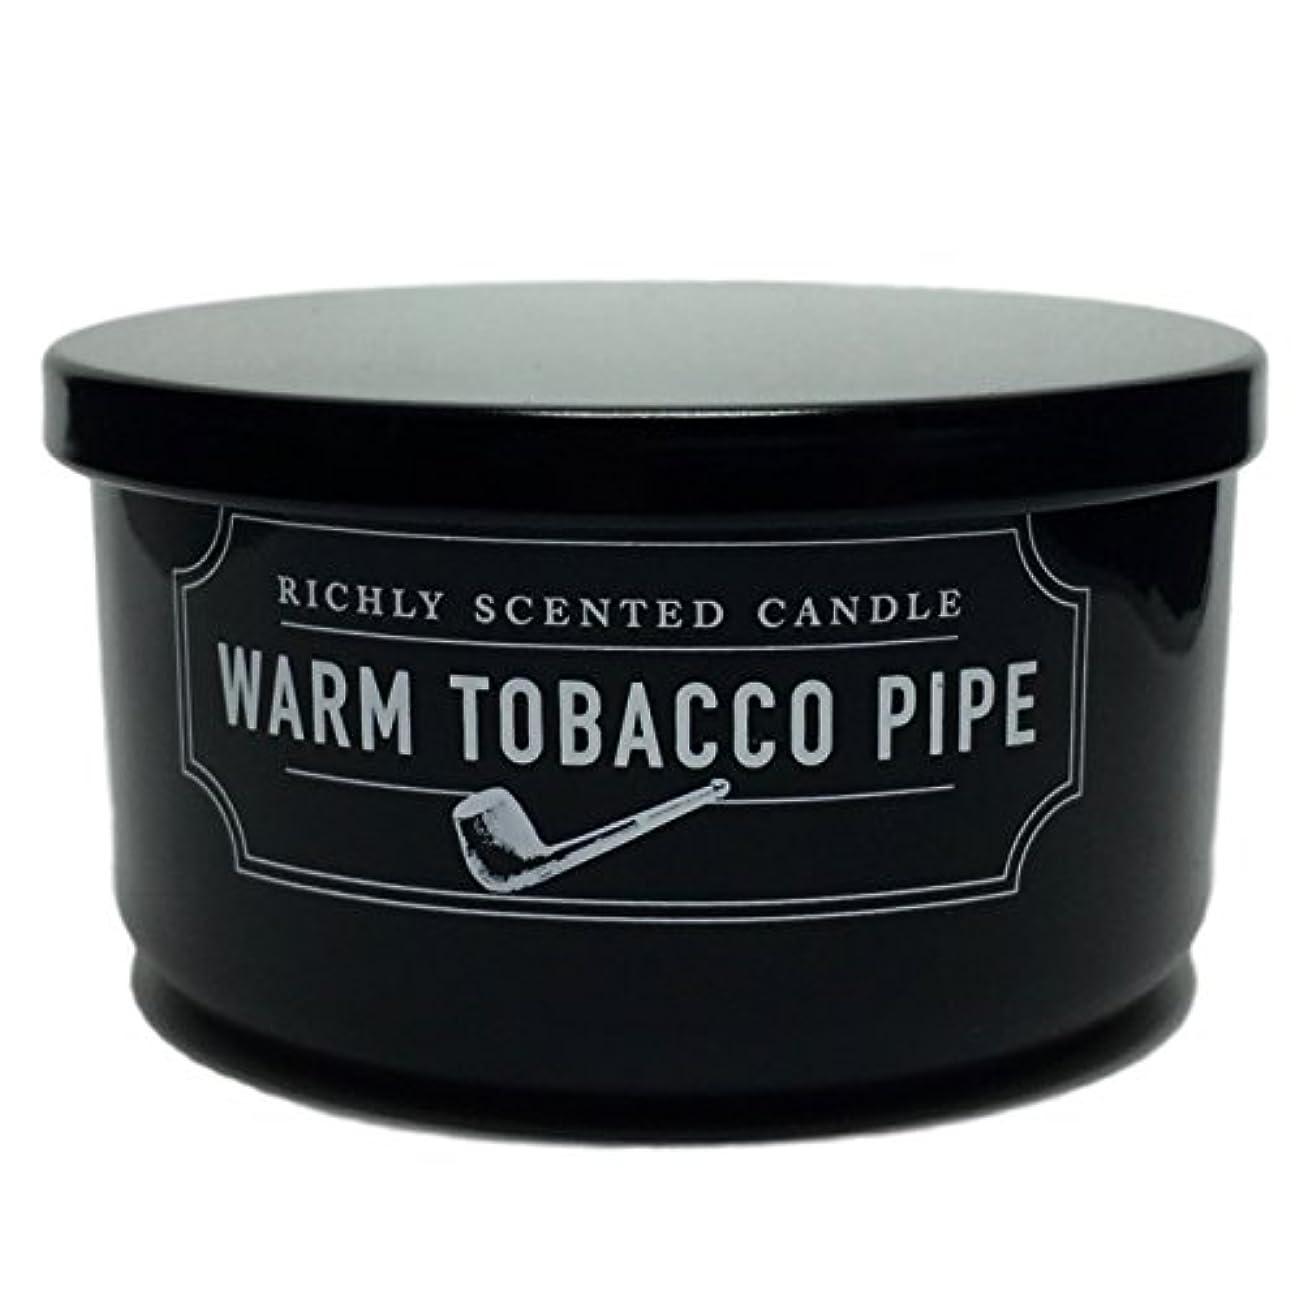 ワックス寝てる品揃えDWホーム暖かいタバコパイプ豊かな香り2 Wick Candle Smallサイズ